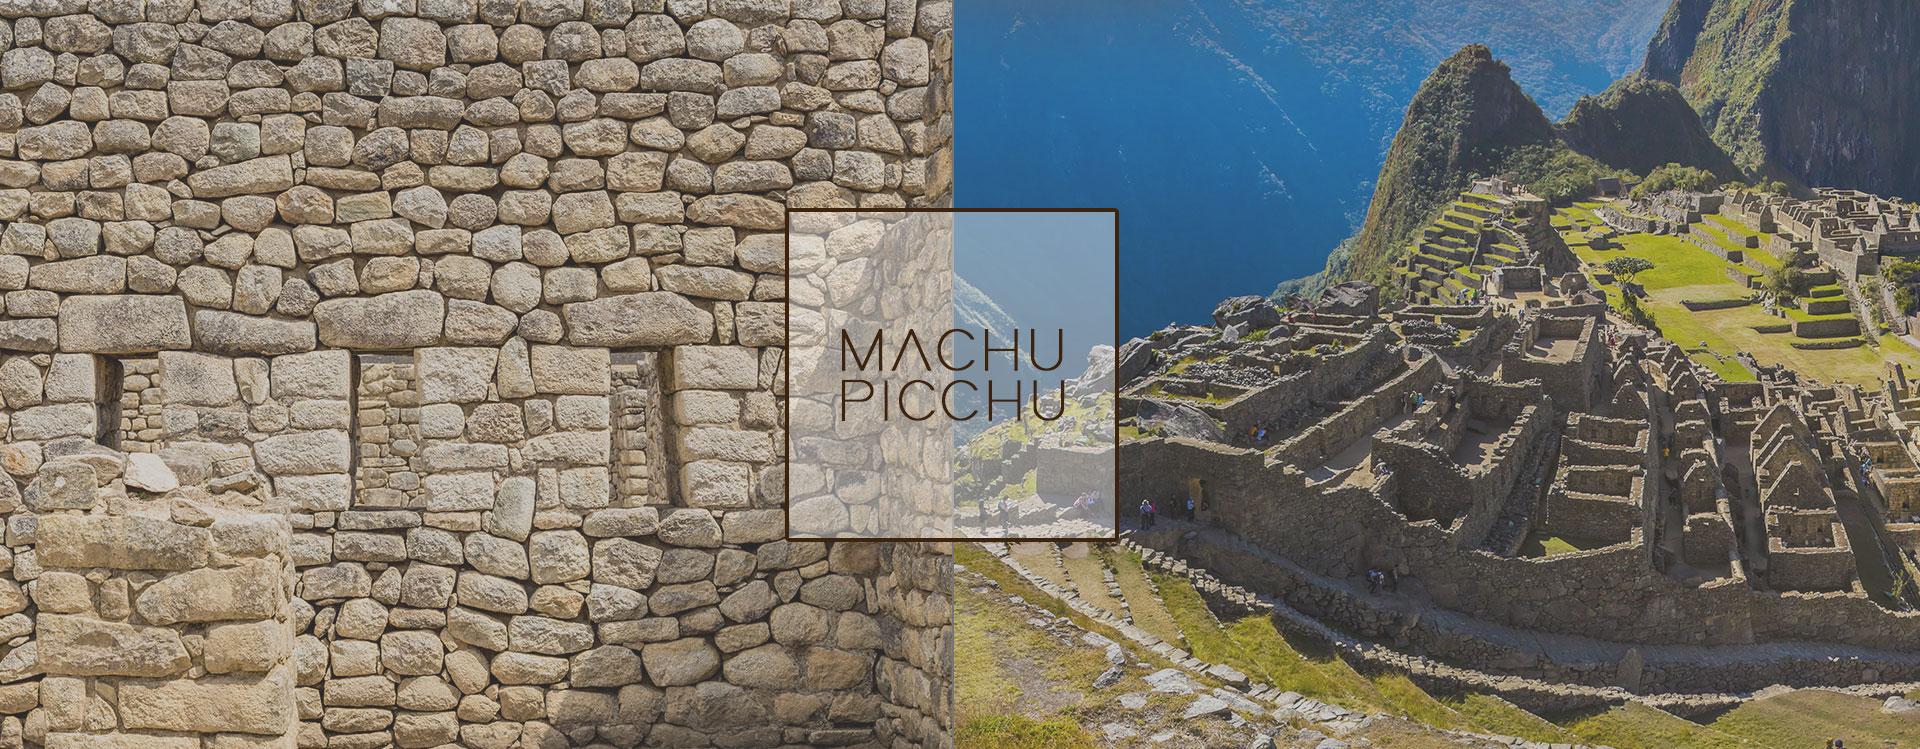 Foto-PEZ-MachuPicchu